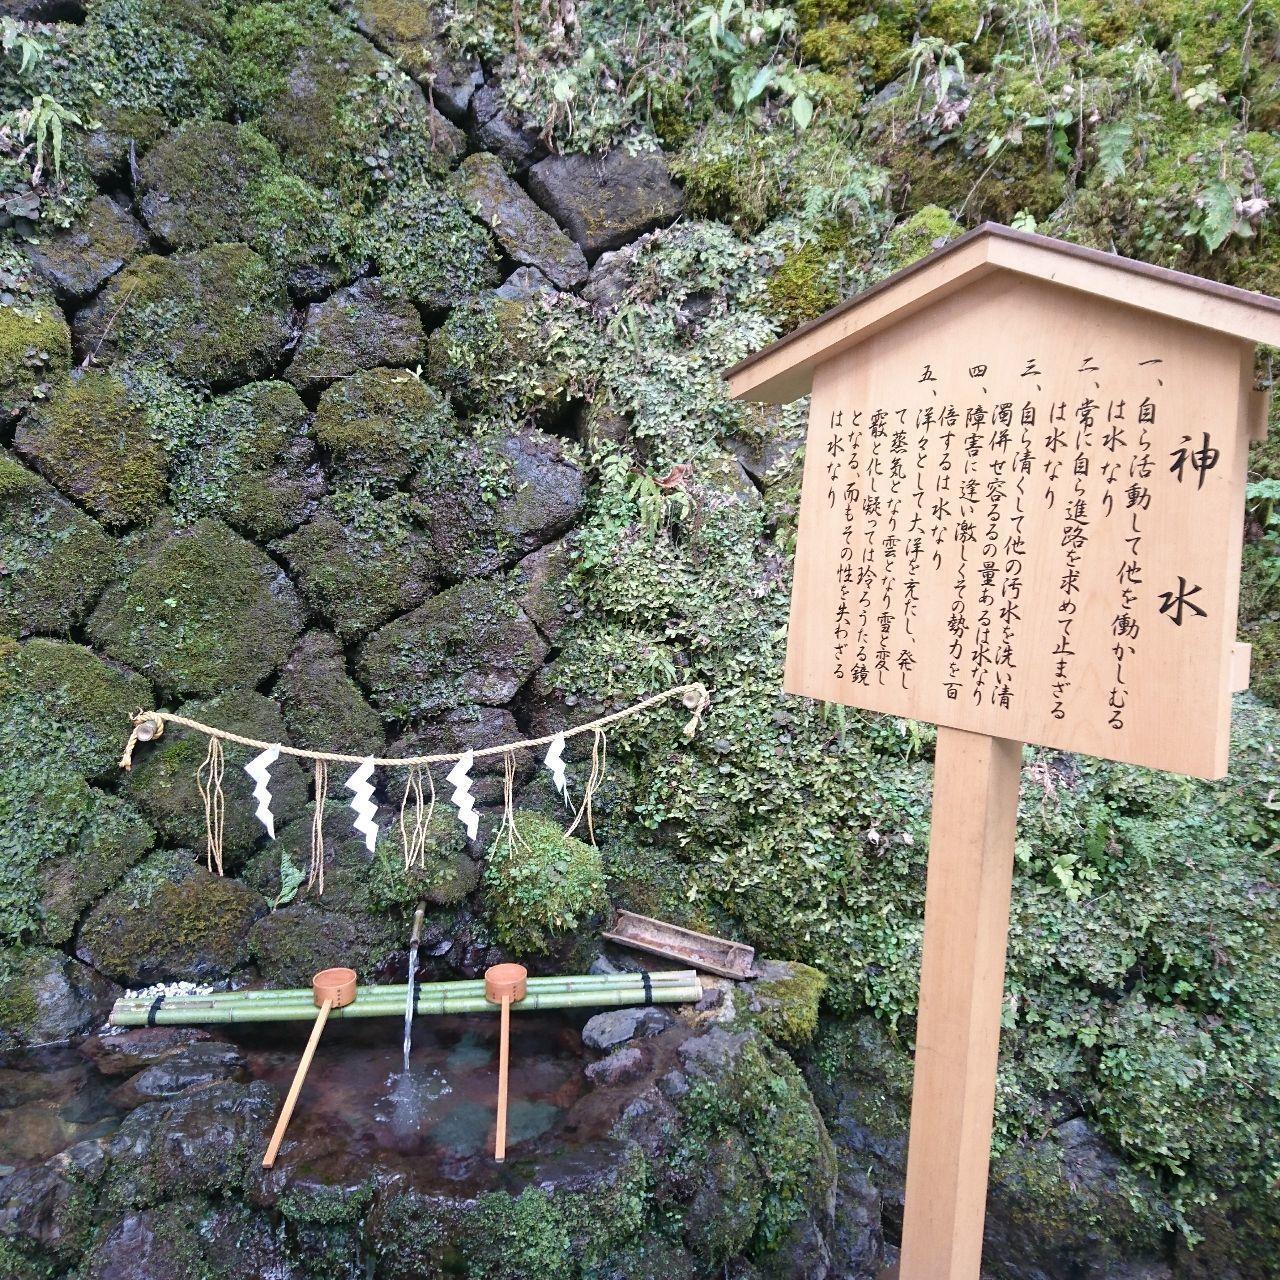 #貴船神社 #神水